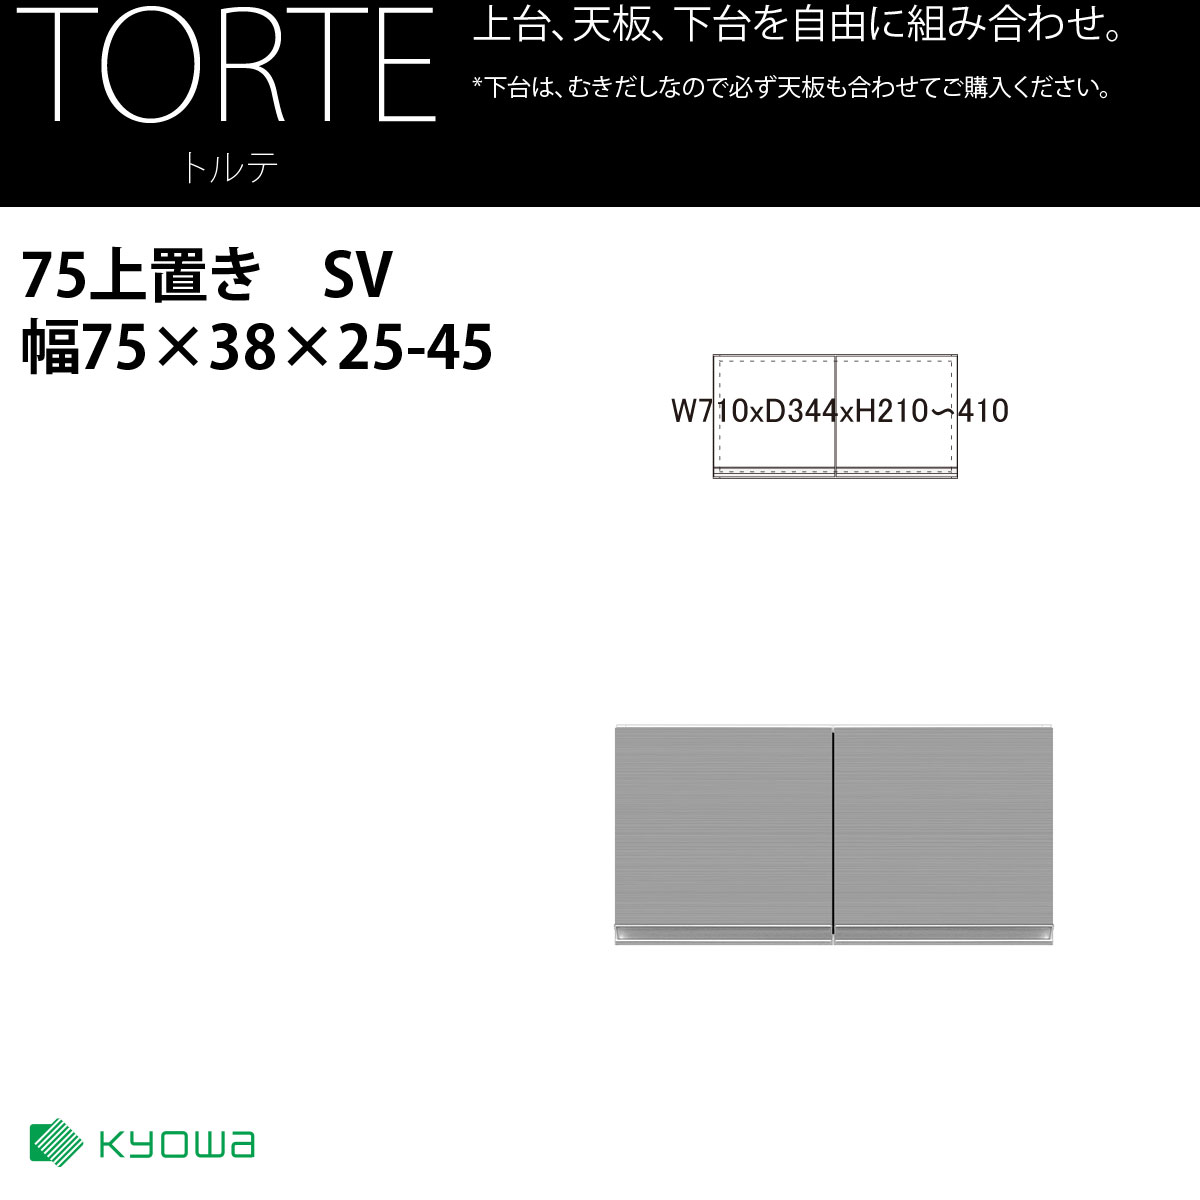 共和産業 トルテ 高さオーダー上置き 75 シルバー【幅75×高さ25-45cm】 日本製 国産